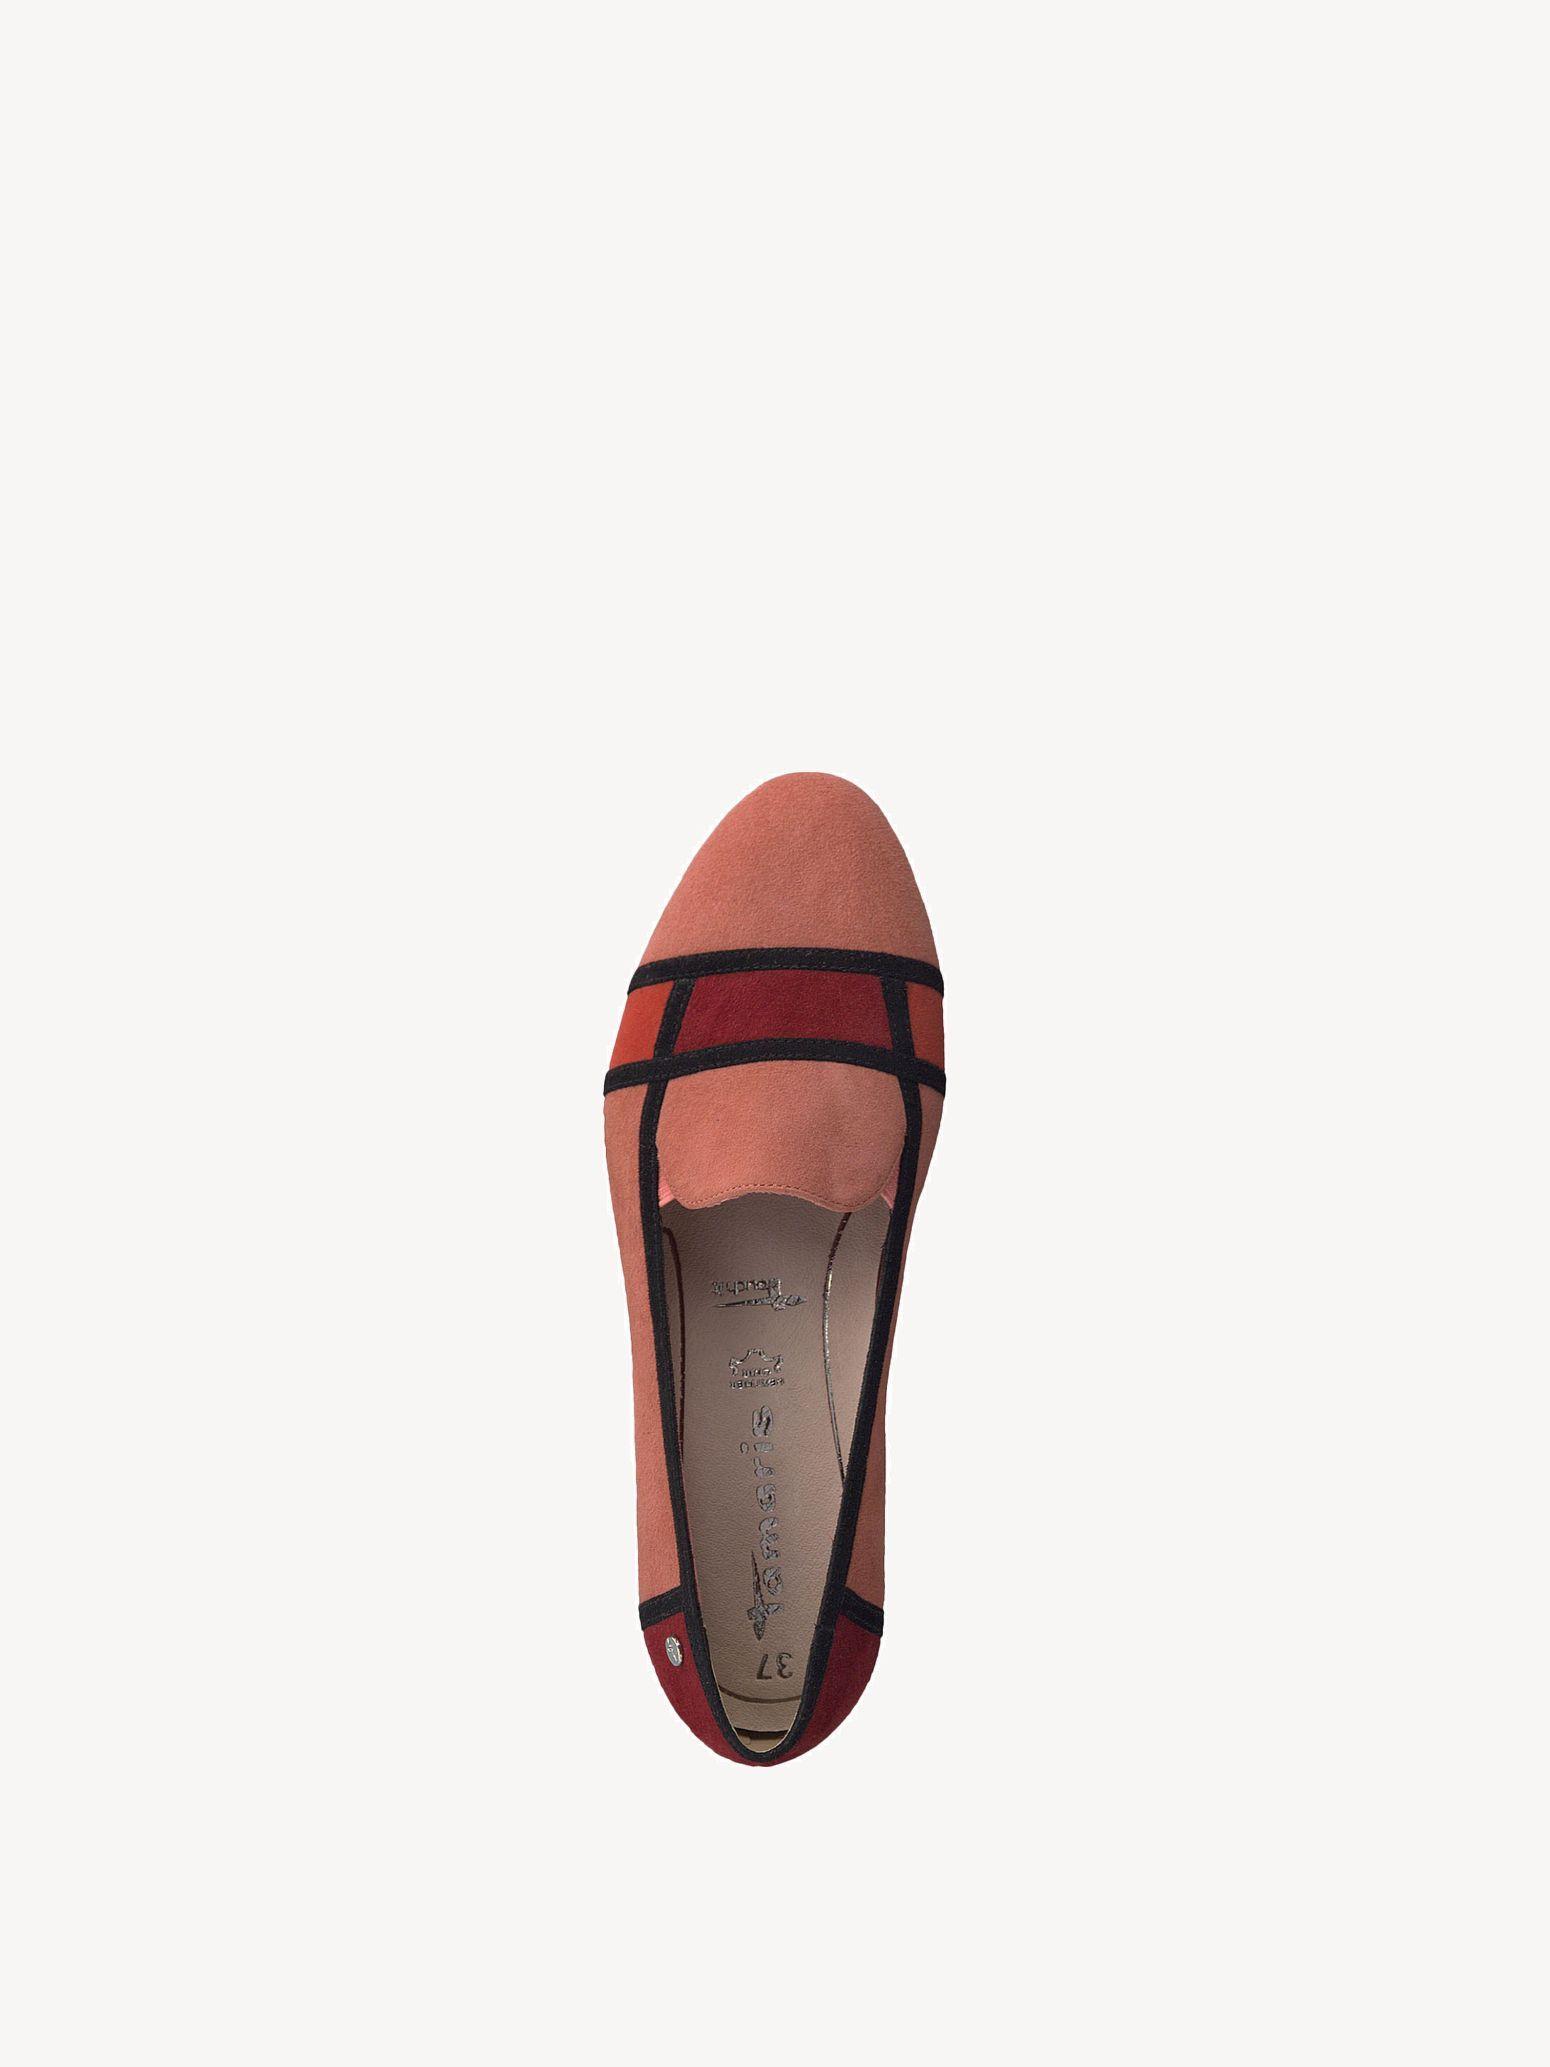 24228 1 Kaufen Online Lederslipper 32Tamaris 1 Slipper n0vNmw8O